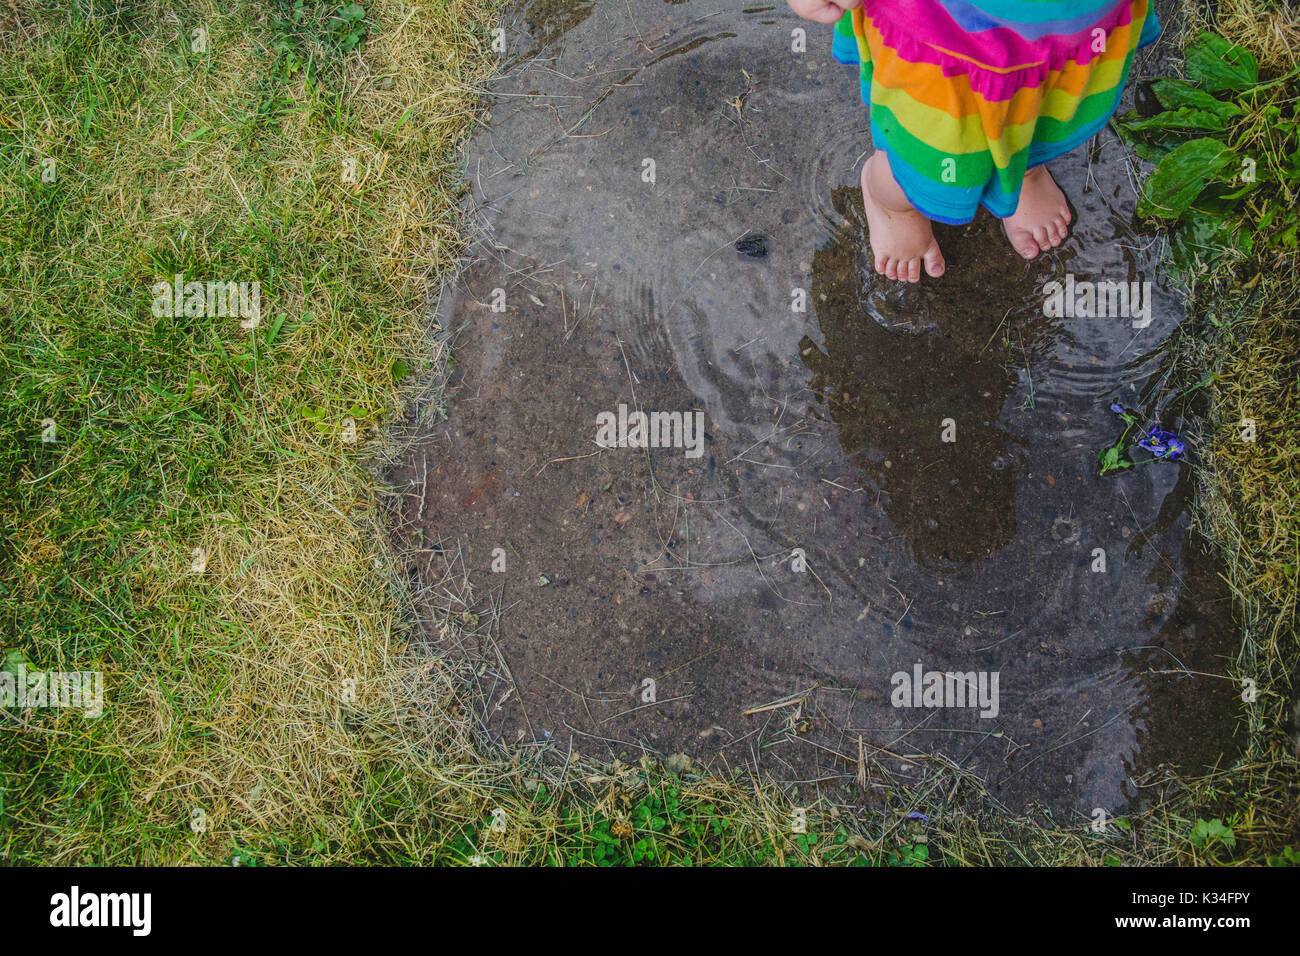 Un jeune enfant se trouve dans une flaque de boue un jour de pluie. Photo Stock